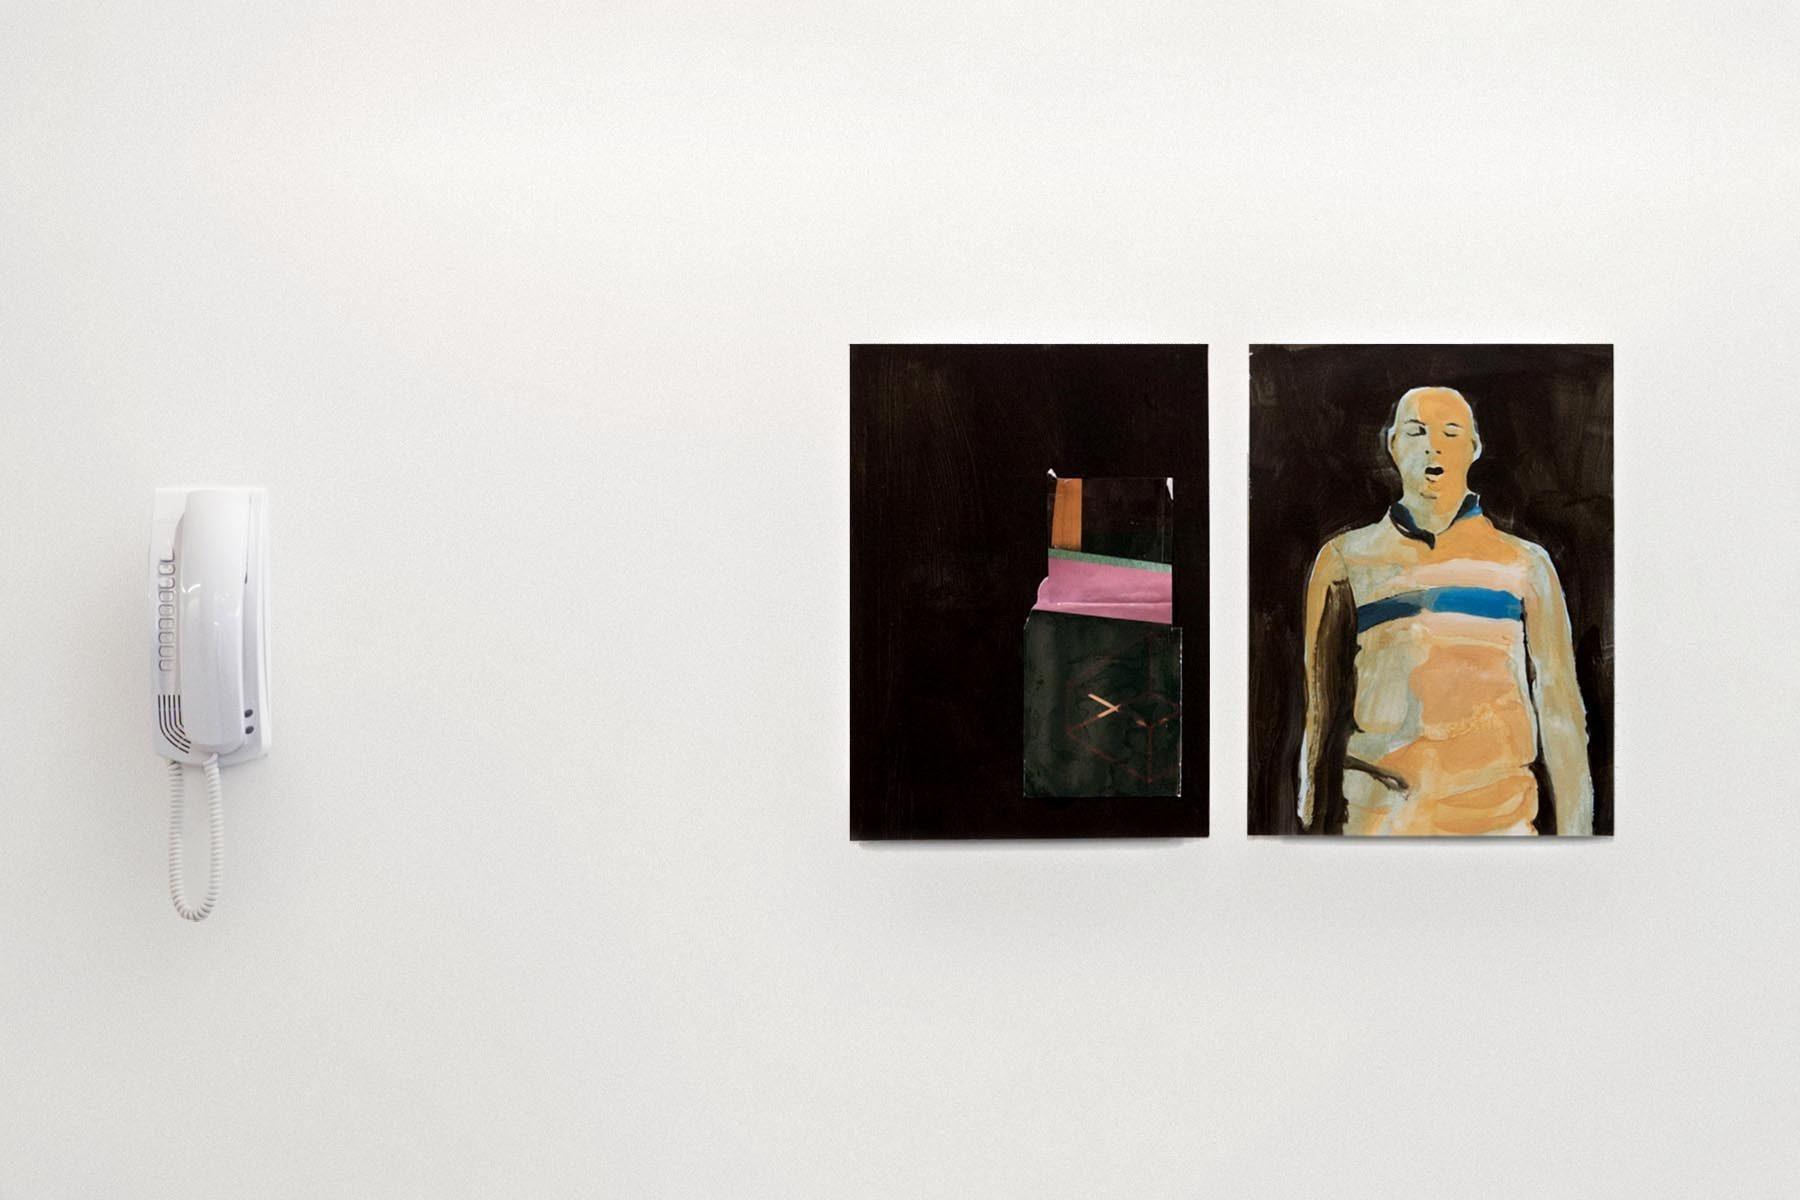 Raffaele Santillo, Pitture in attesa, vista della mostra, Ag. Generali, Pordenone, ph. N. Covre